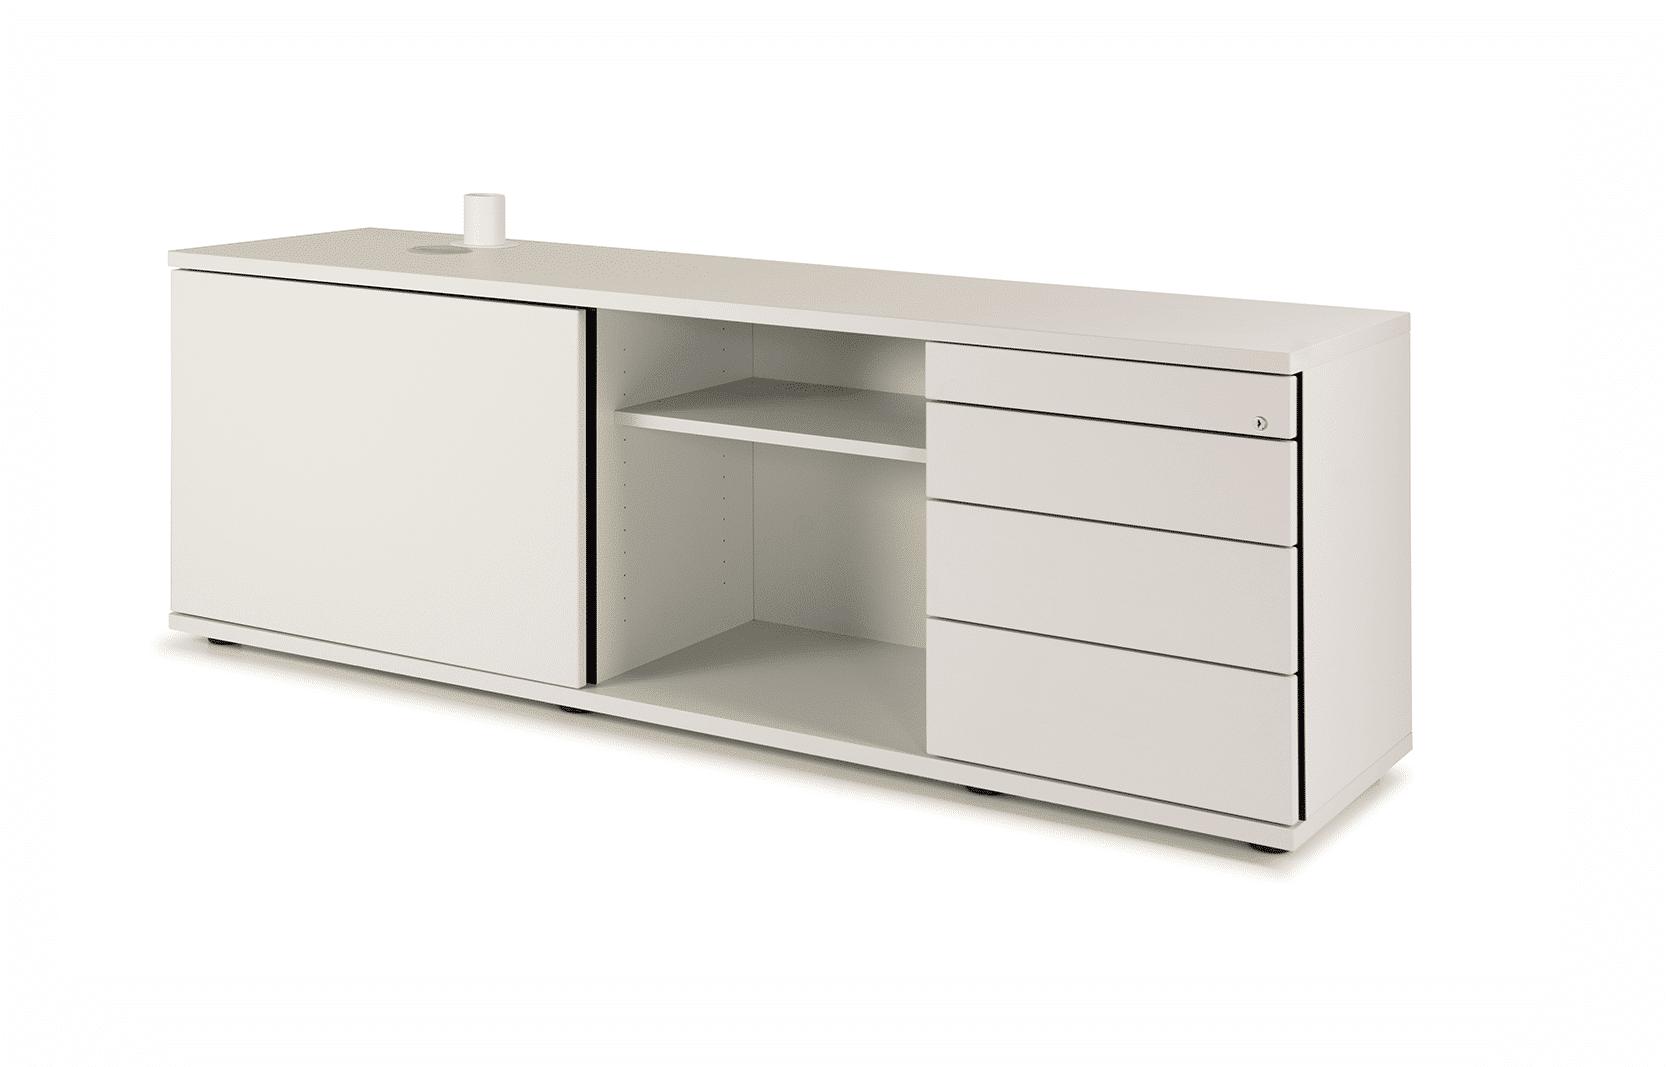 hali Büromöbel, Sideboard, SB03_SE, Stauraum, Tisch, Kombination, seitlicher Eingriff